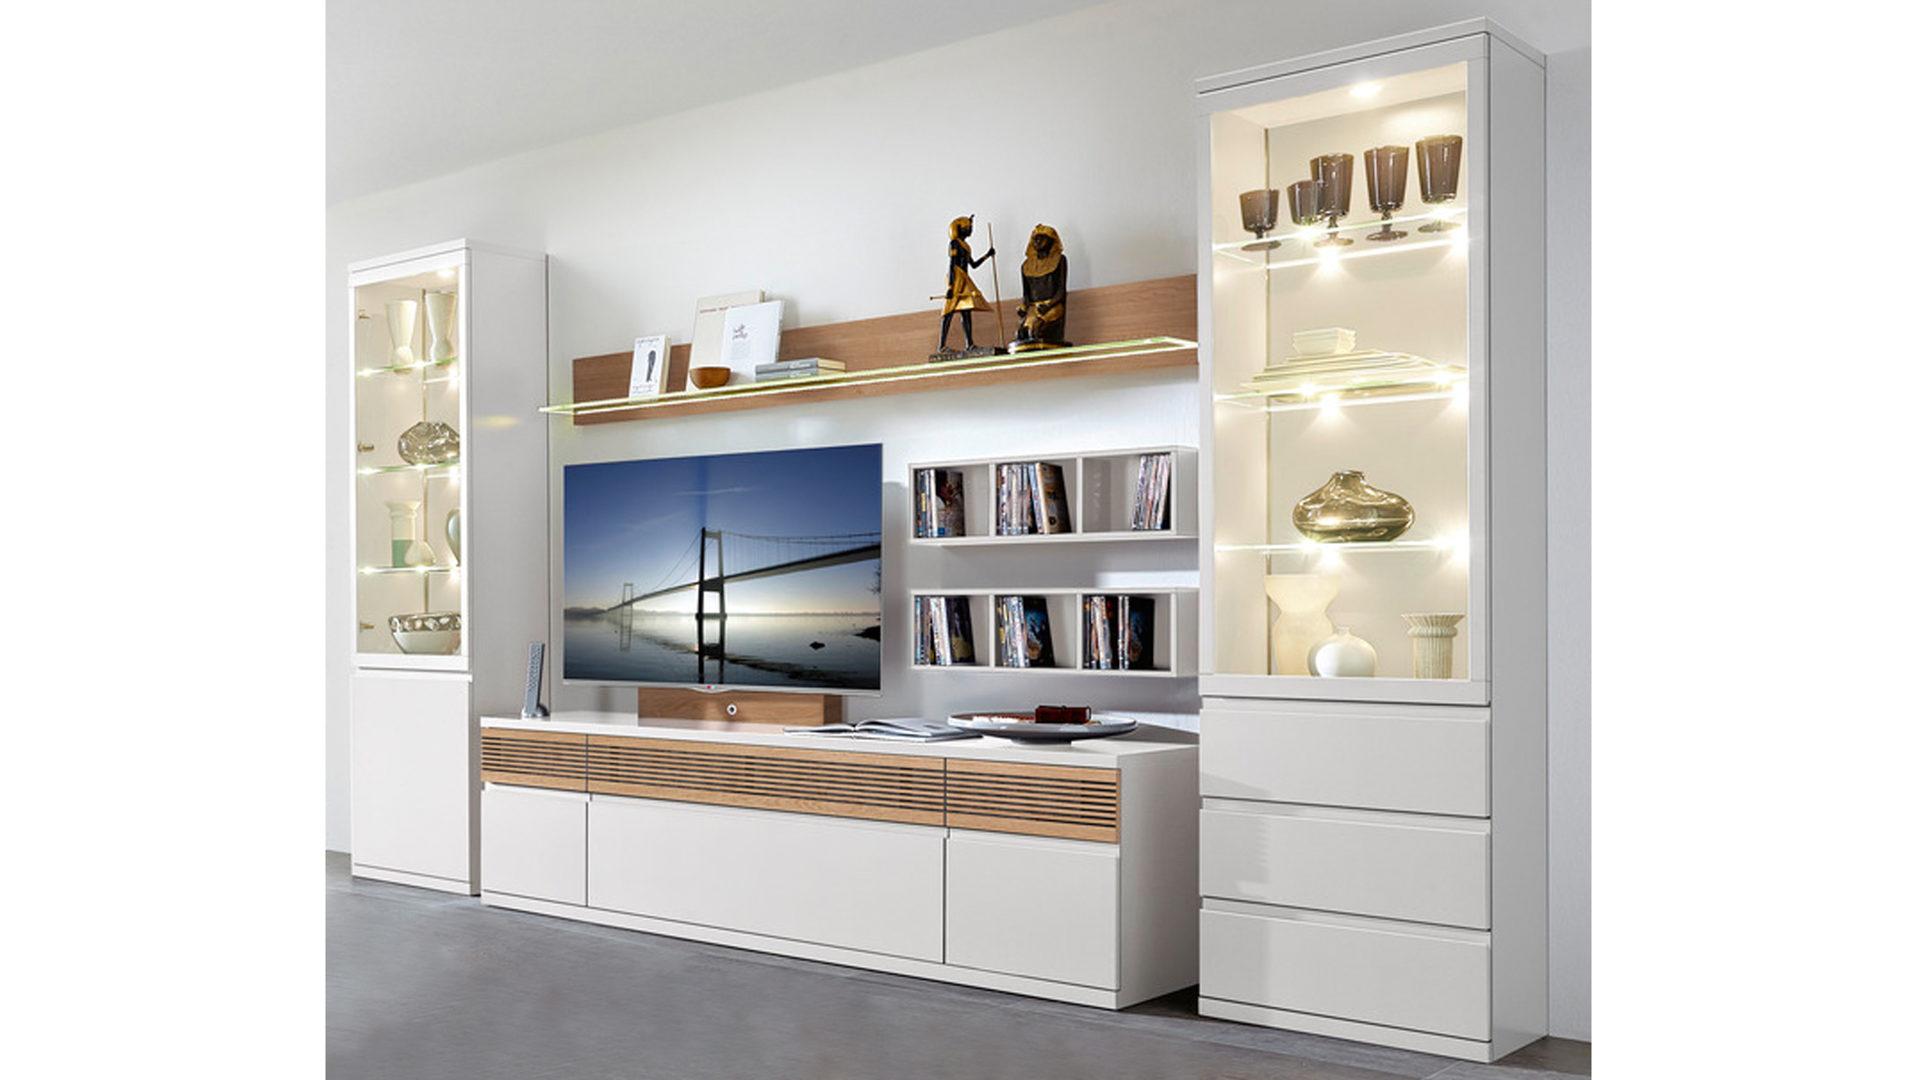 Möbel Frauendorfer Amberg, Räume, Wohnzimmer, Schränke + Wohnwände ...